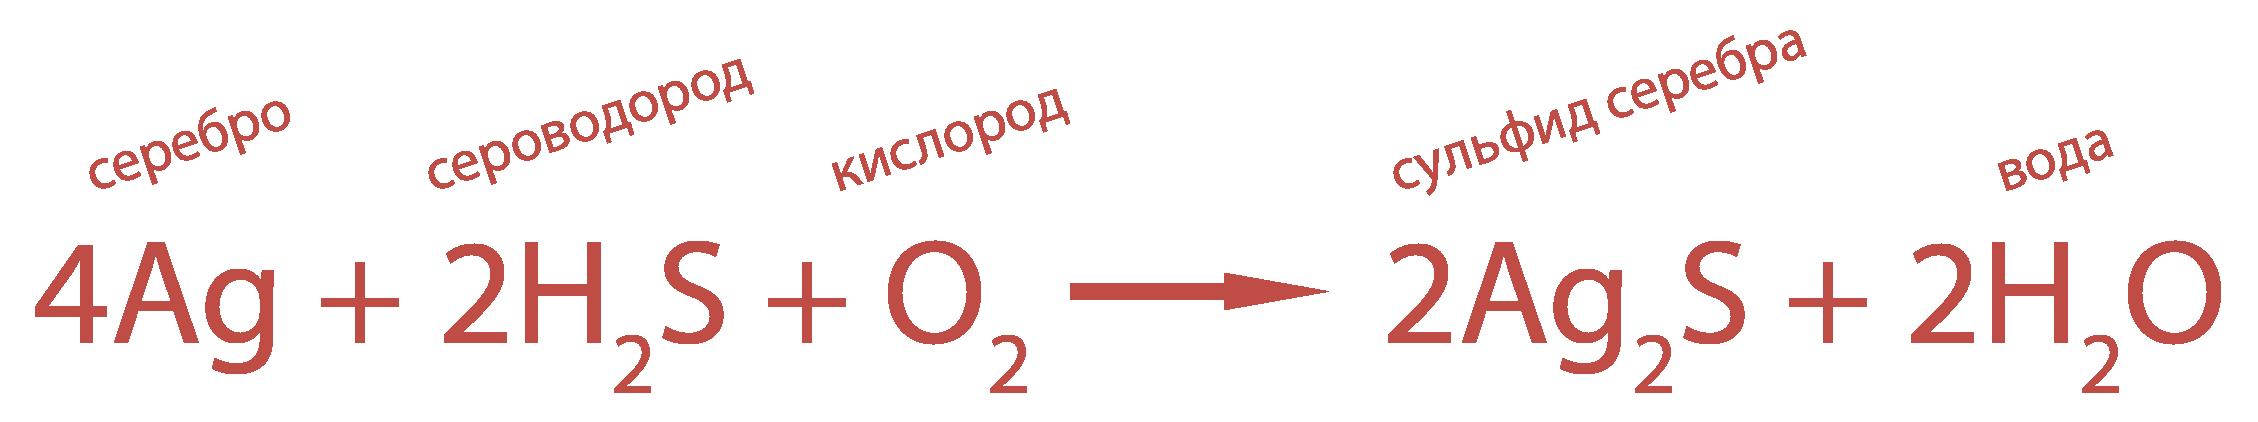 сероводород в присутствии кислорода воздуха